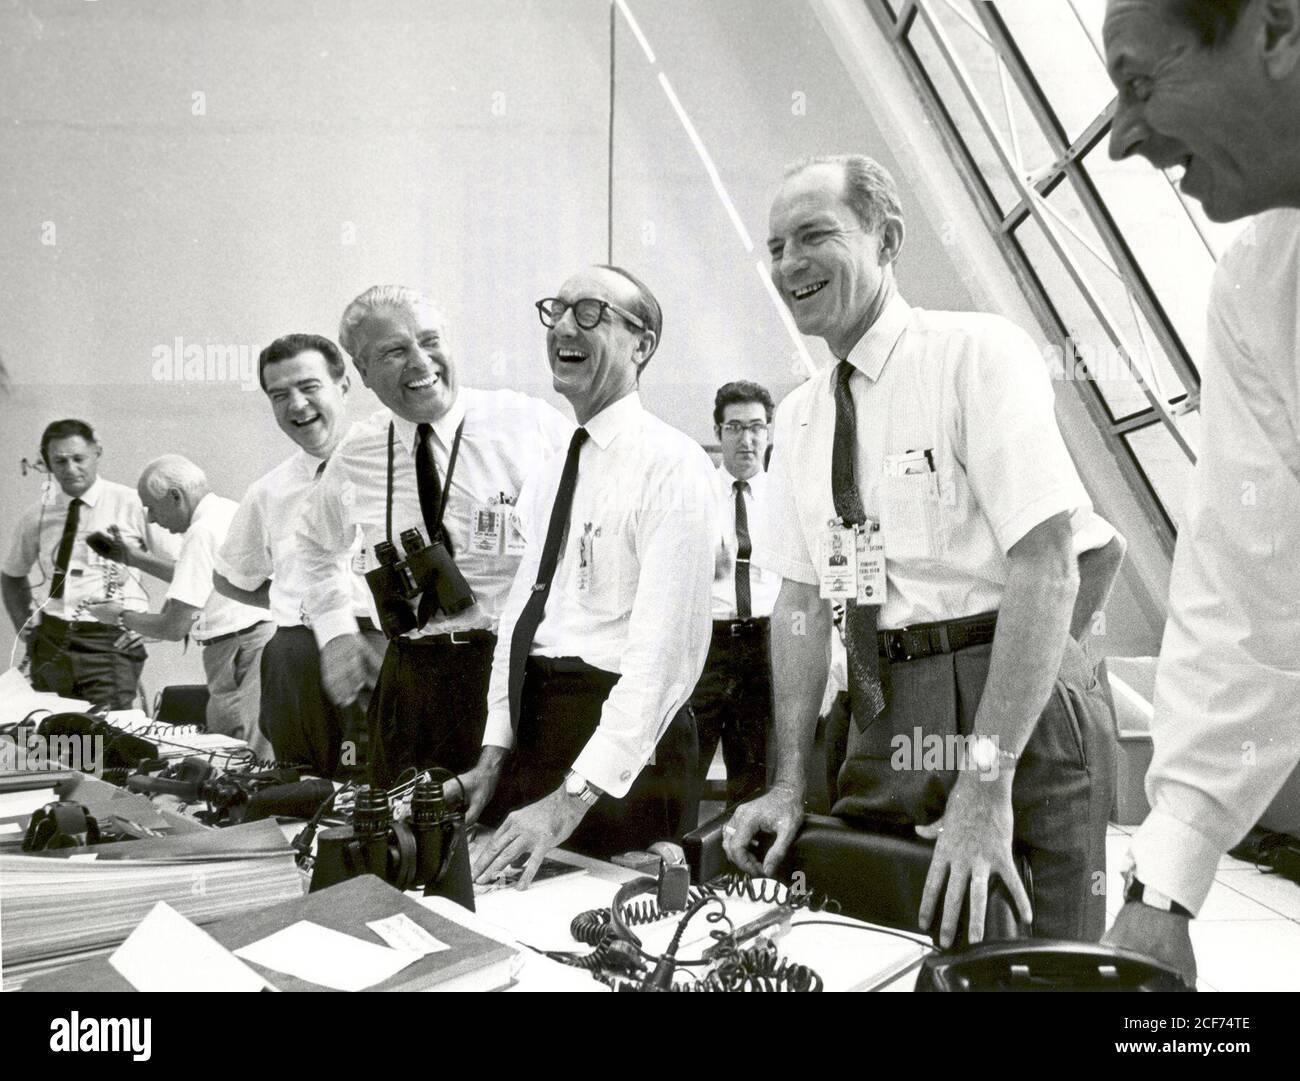 Apollo 11-Missionsbeamte entspannen sich nach dem erfolgreichen Apollo 11-Rettungseinsatz am 16. Juli 1969 im Launch Control Center. Von links nach rechts: Charles W. Mathews, stellvertretender Associate Administrator für bemannte Raumfahrt; Dr. Wernher von Braun, Direktor des Marshall Space Flight Center; George Mueller, Associate Administrator für das Büro für bemannte Raumfahrt; LT. Gen. Samuel C. Phillips, Direktor des Apollo Programms Stockfoto